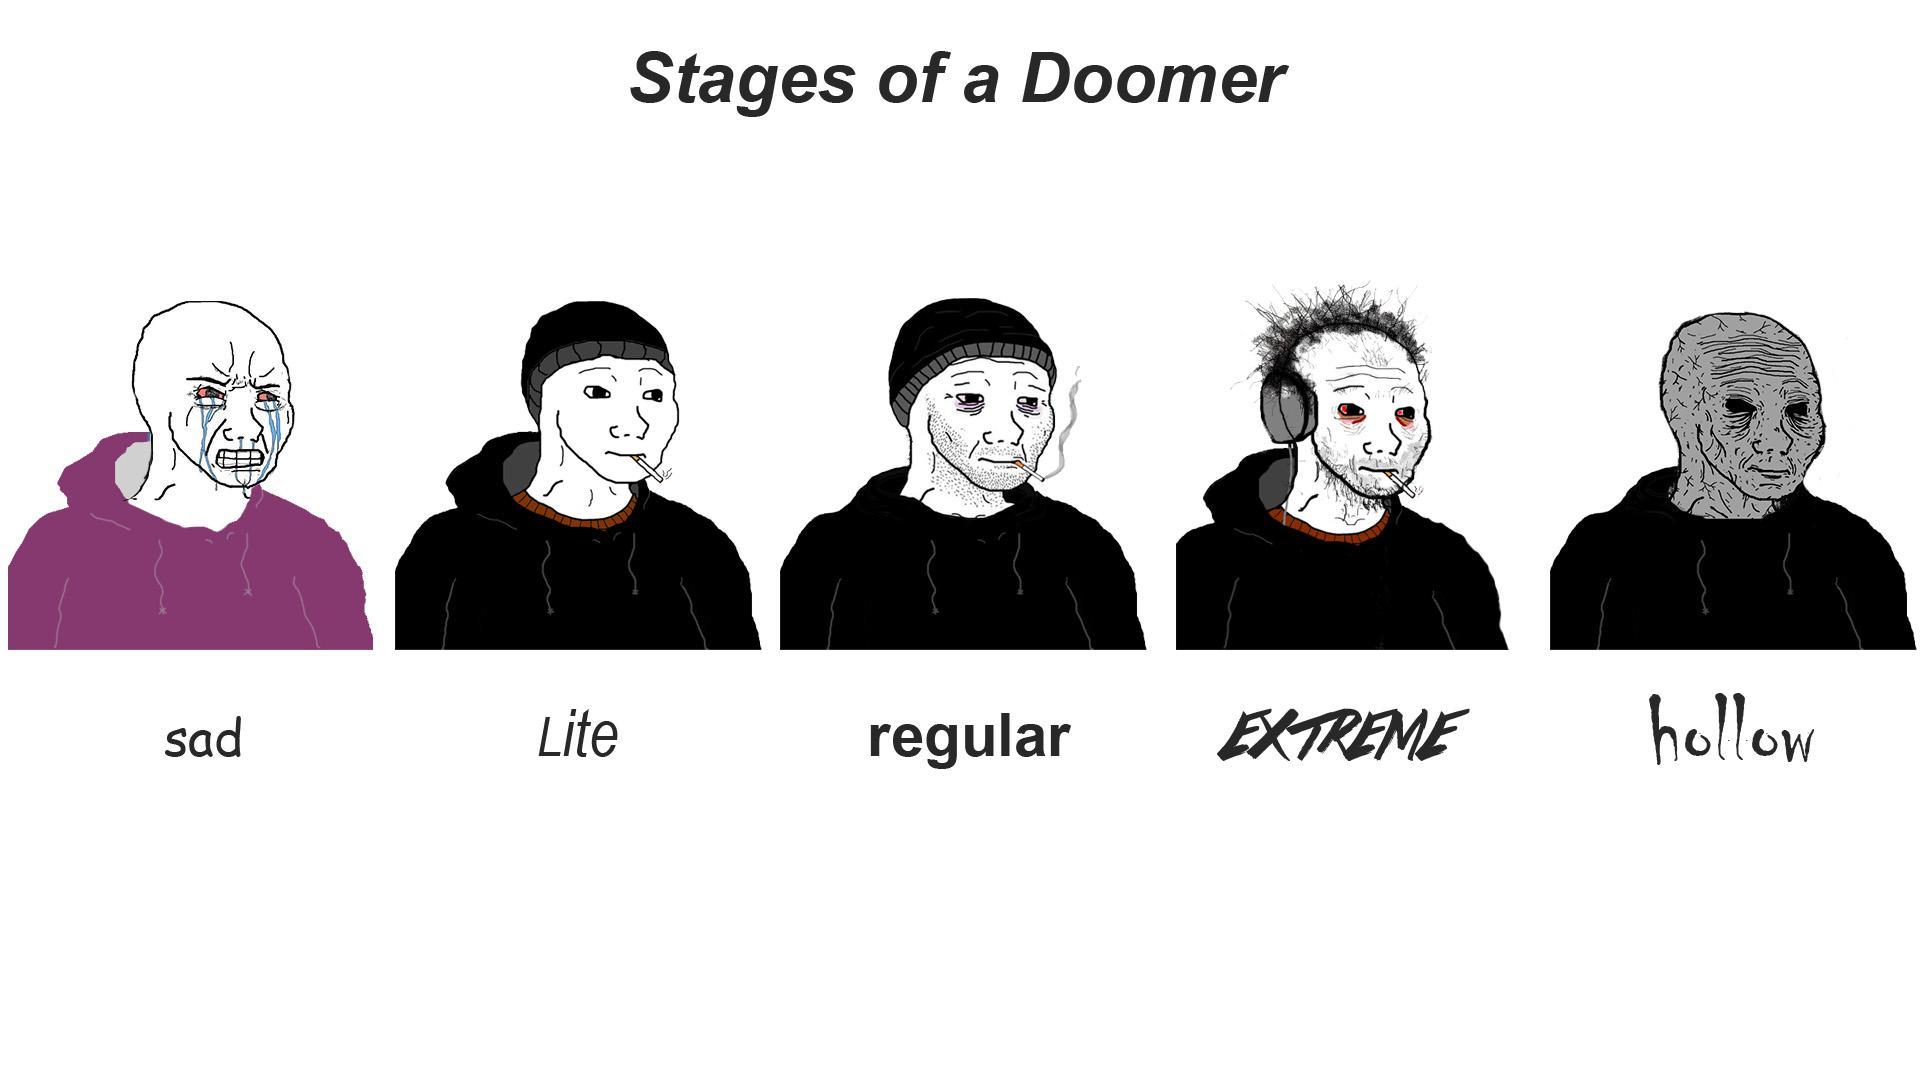 Doomers